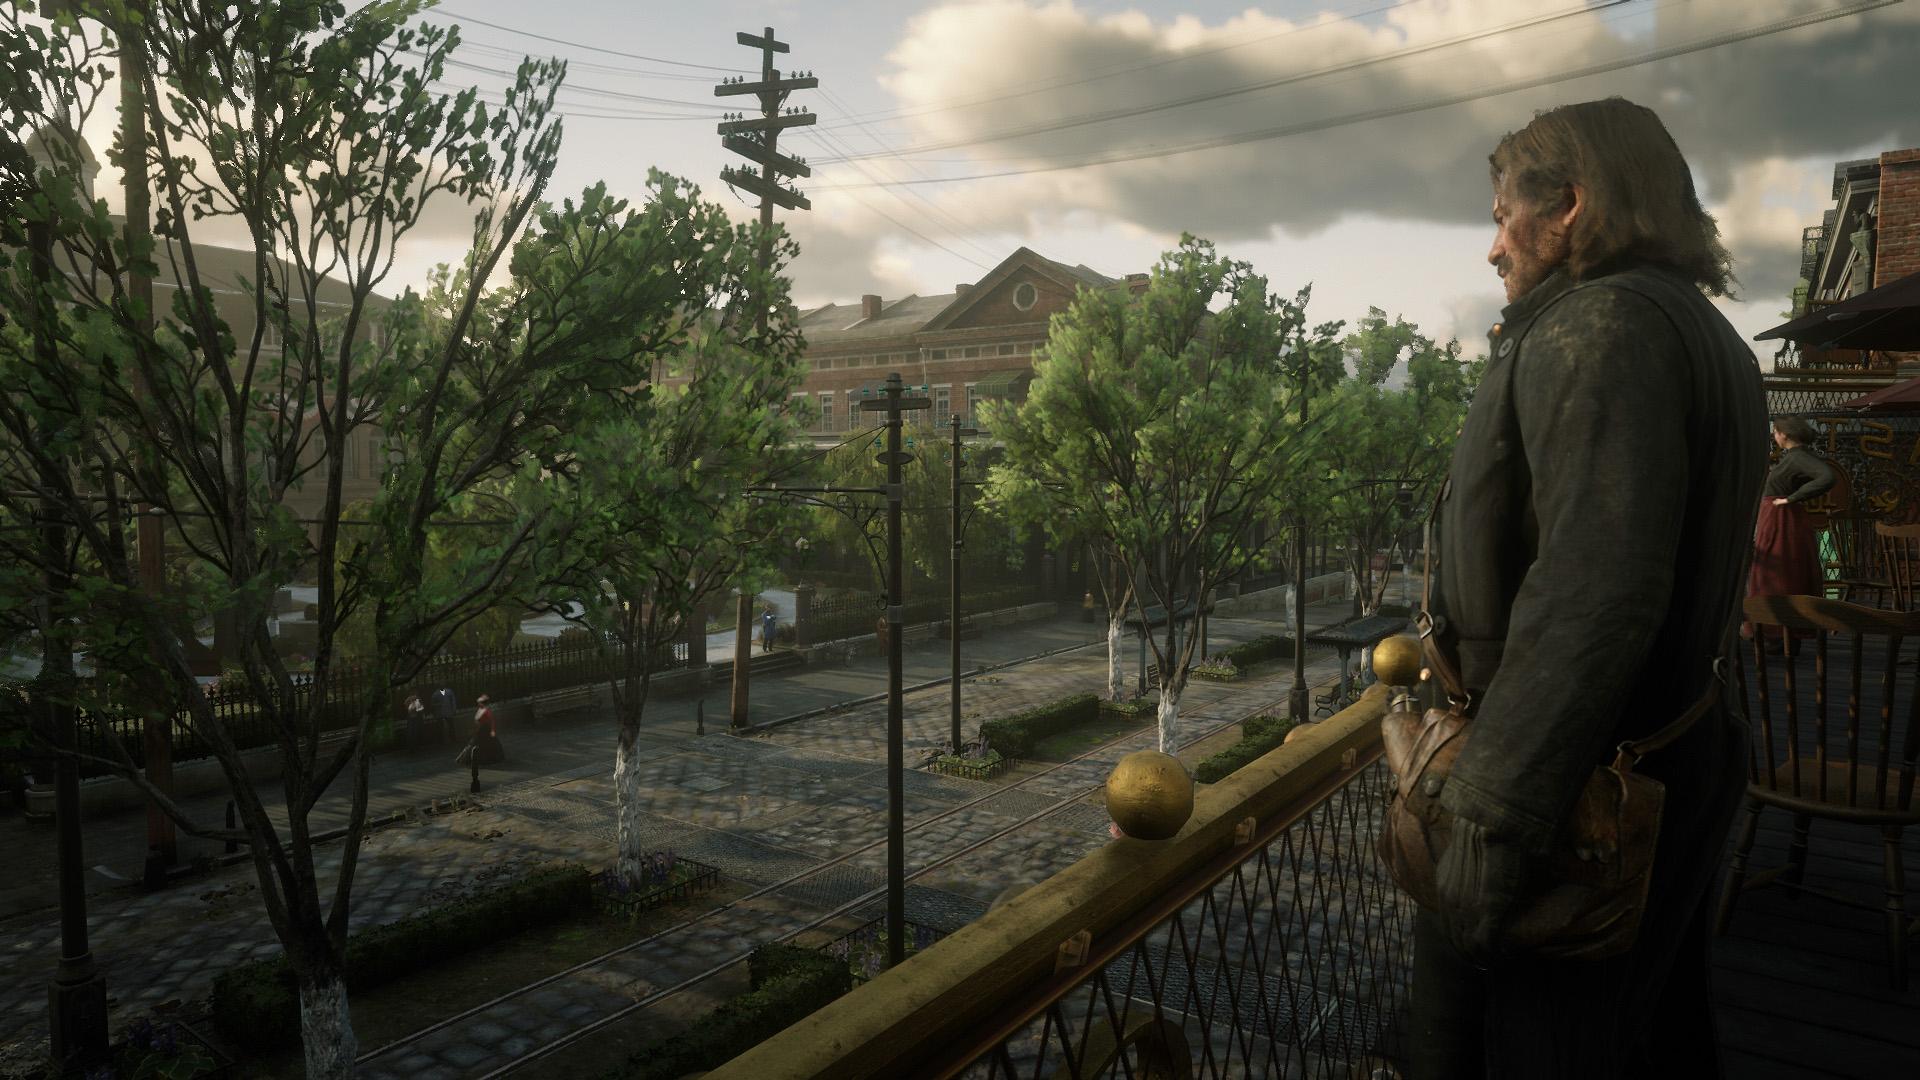 Видео: блогер взломал камеру в Red Dead Redemption 2 и продемонстрировал многочисленные секреты игры